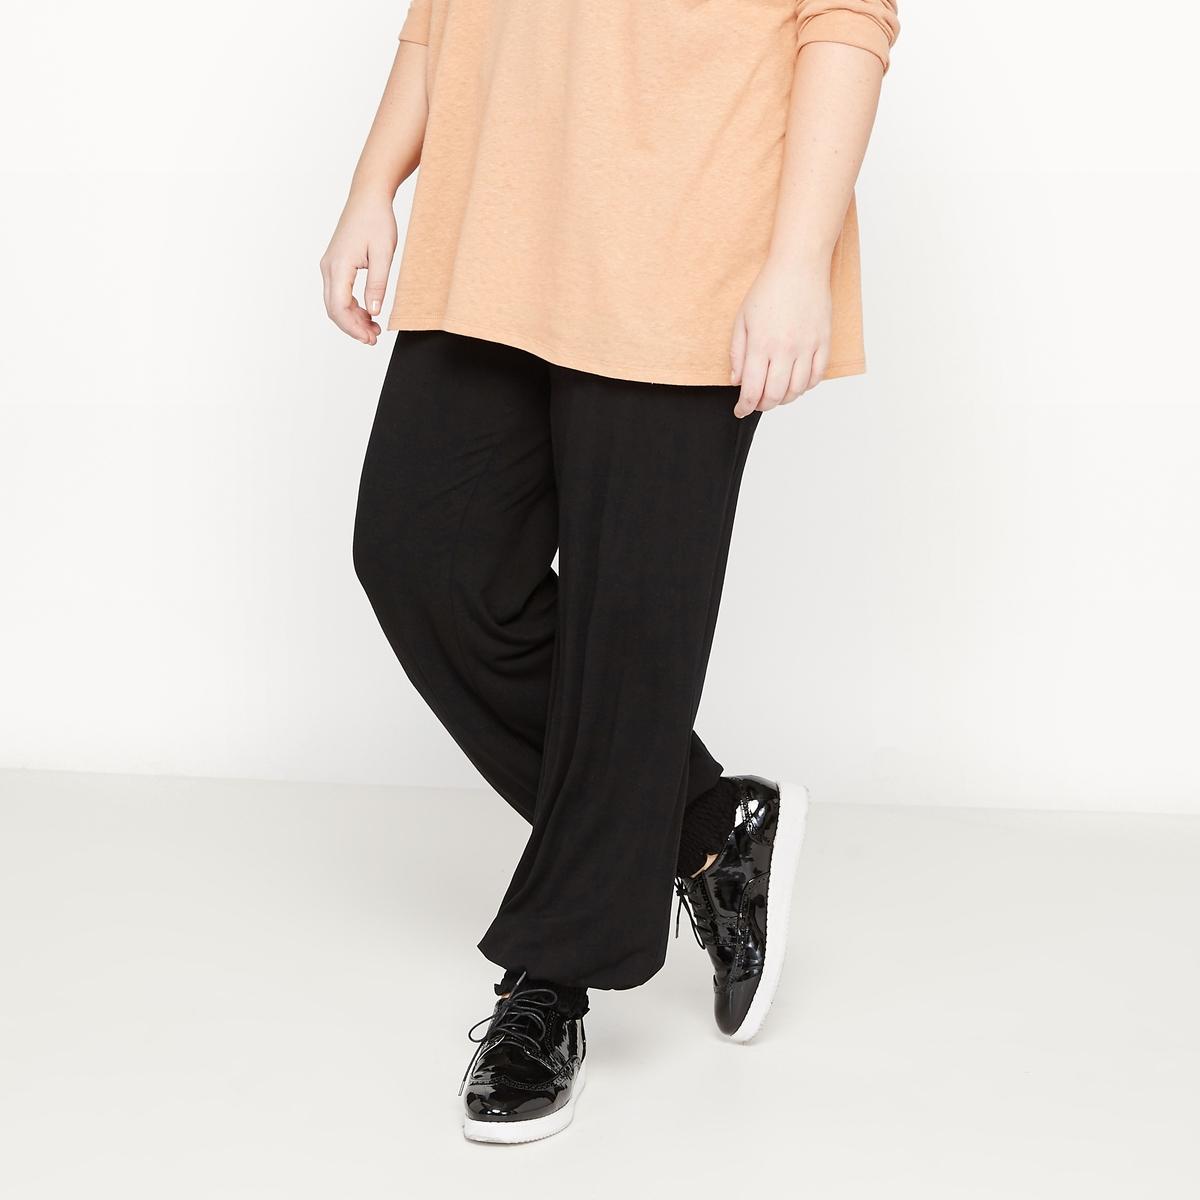 Брюки свободные, широкие одежда больших размеров 9016 2015 mm